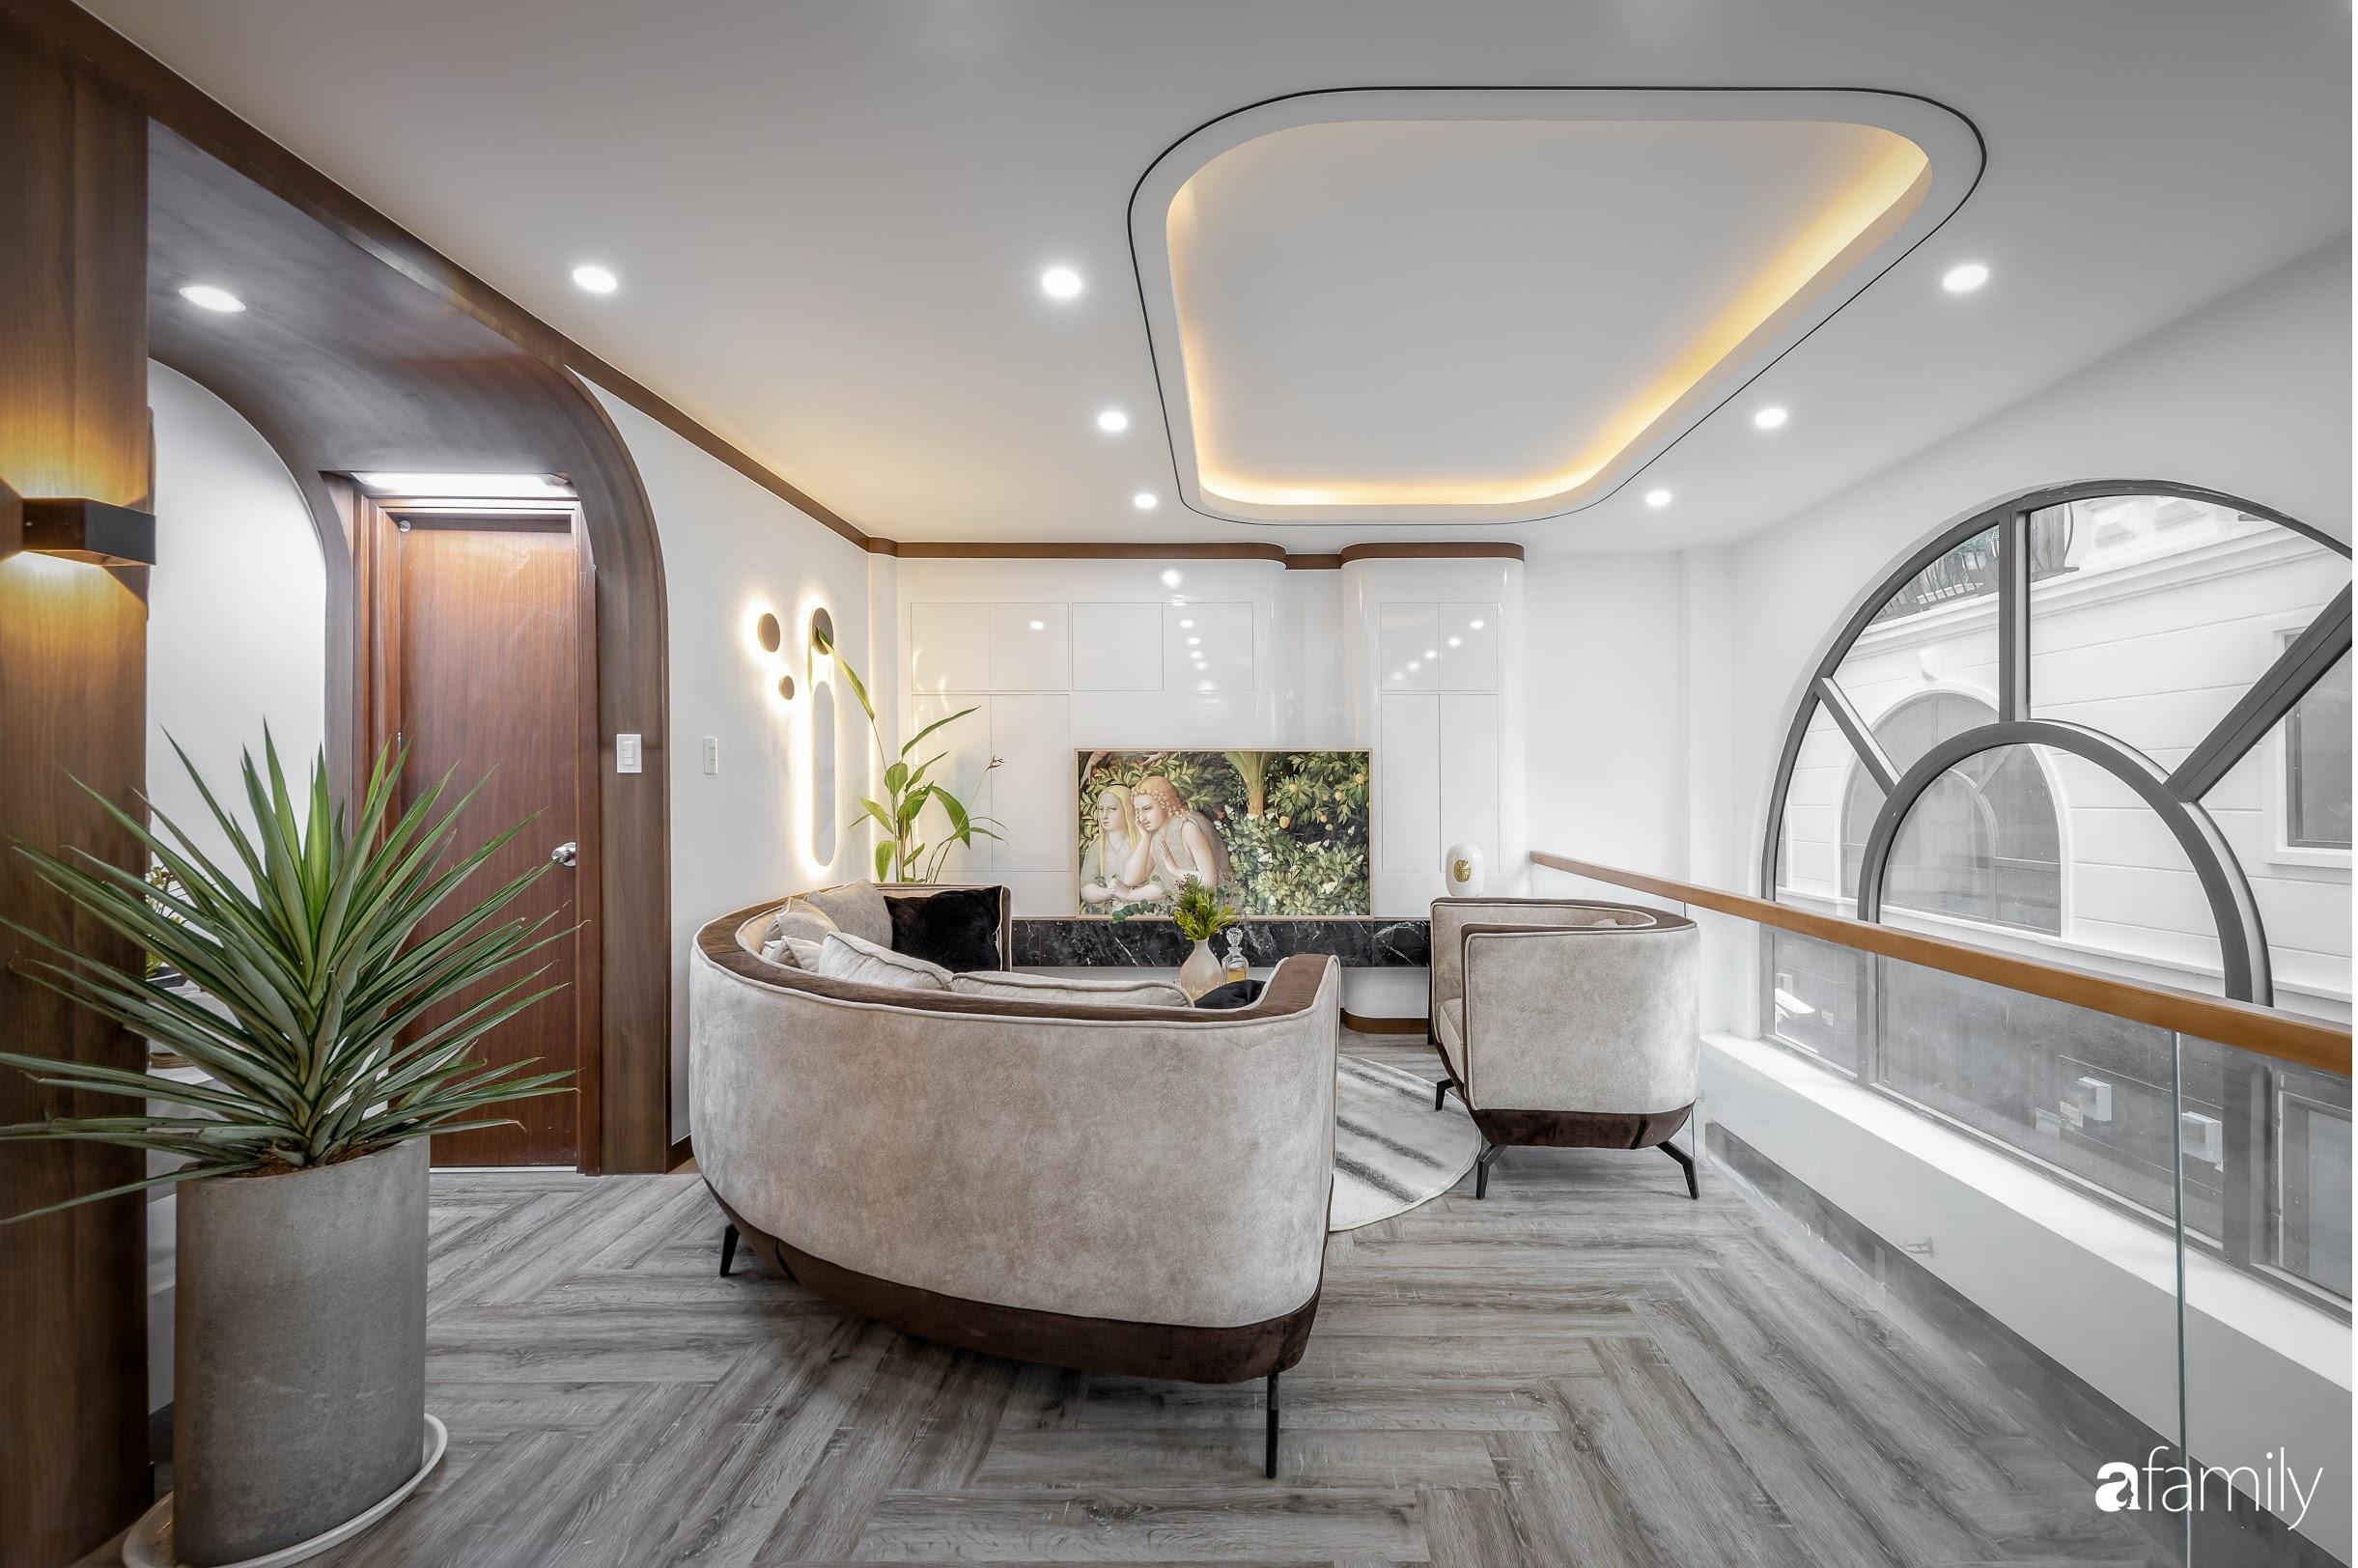 Căn nhà 5 tầng trong hẻm sang chảnh như resort cao cấp với chi phí thiết kế 900 triệu đồng ở TP HCMHCM - Ảnh 6.